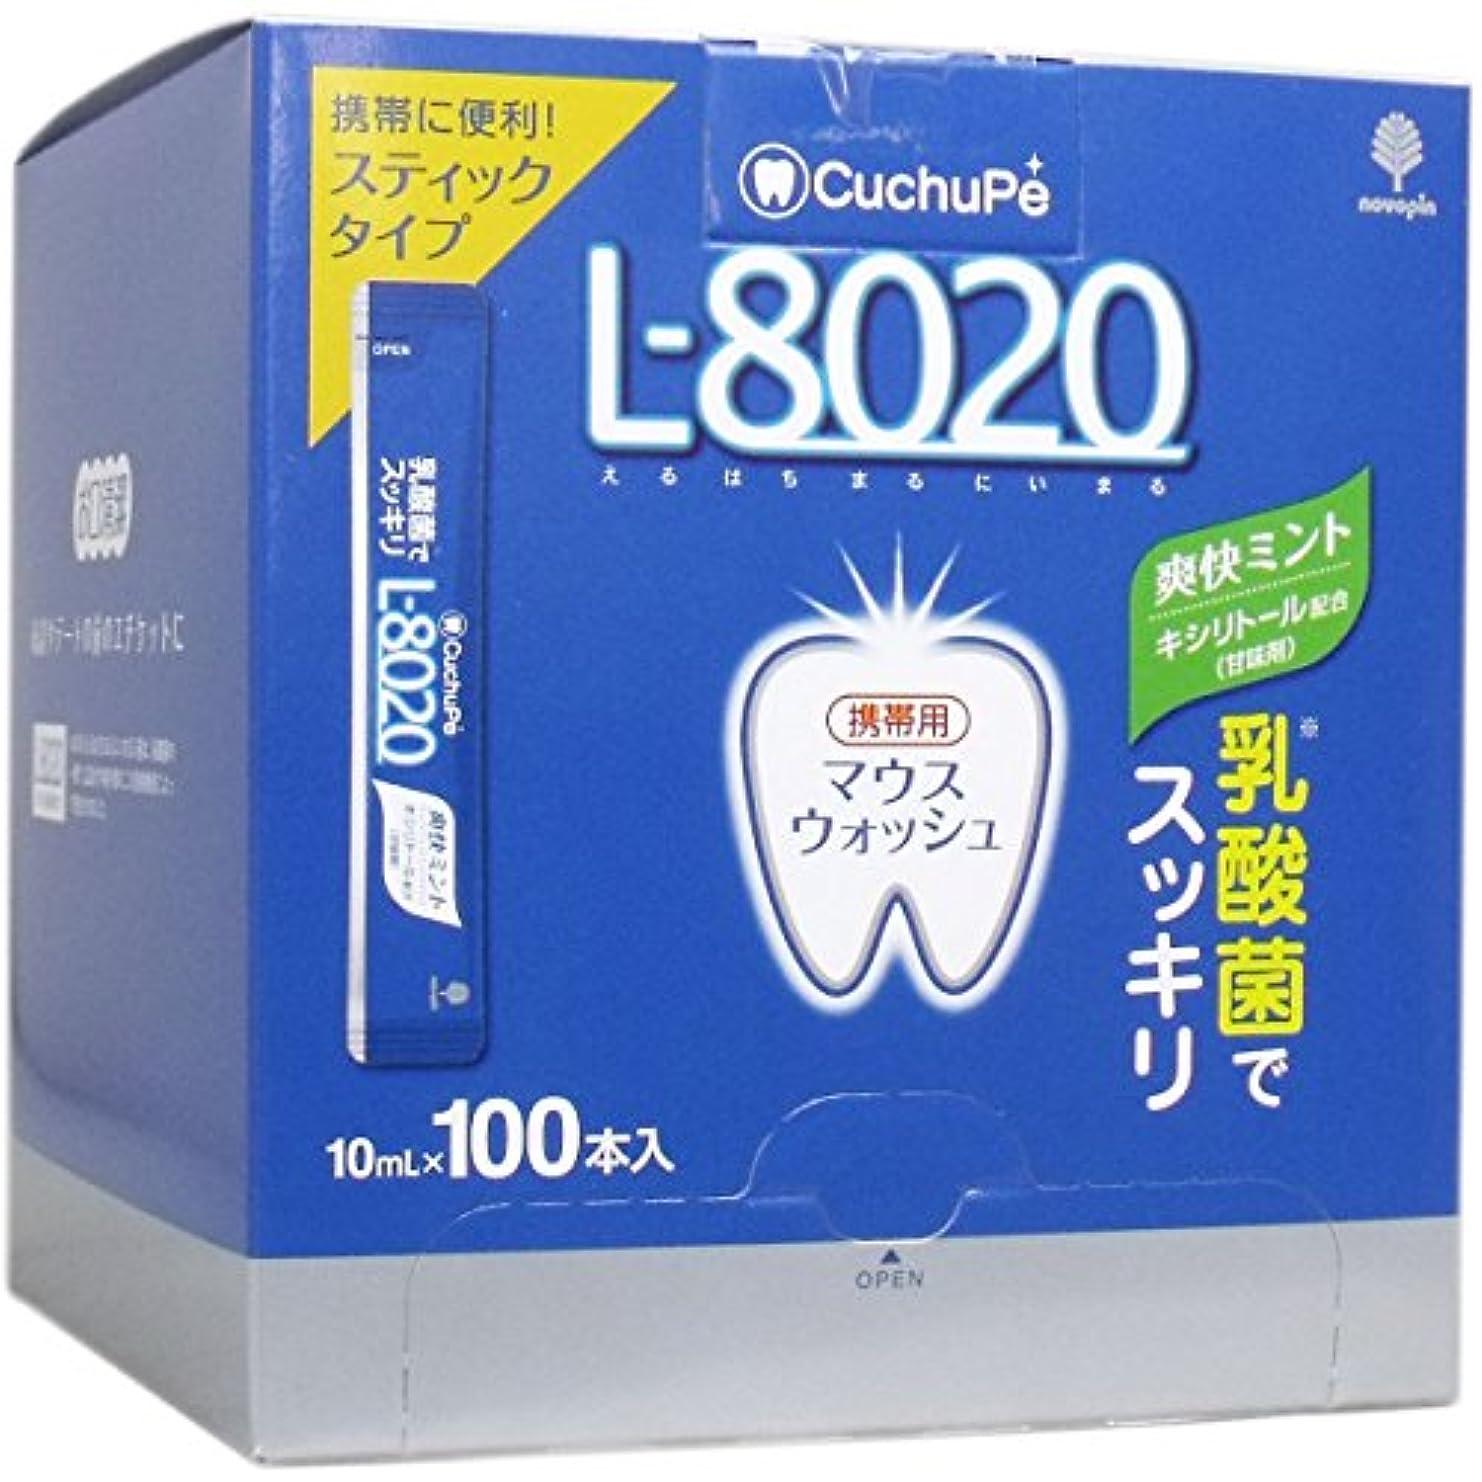 神話のスコア貝殻クチュッペ L-8020 マウスウォッシュ 爽快ミント スティックタイプ 100本入